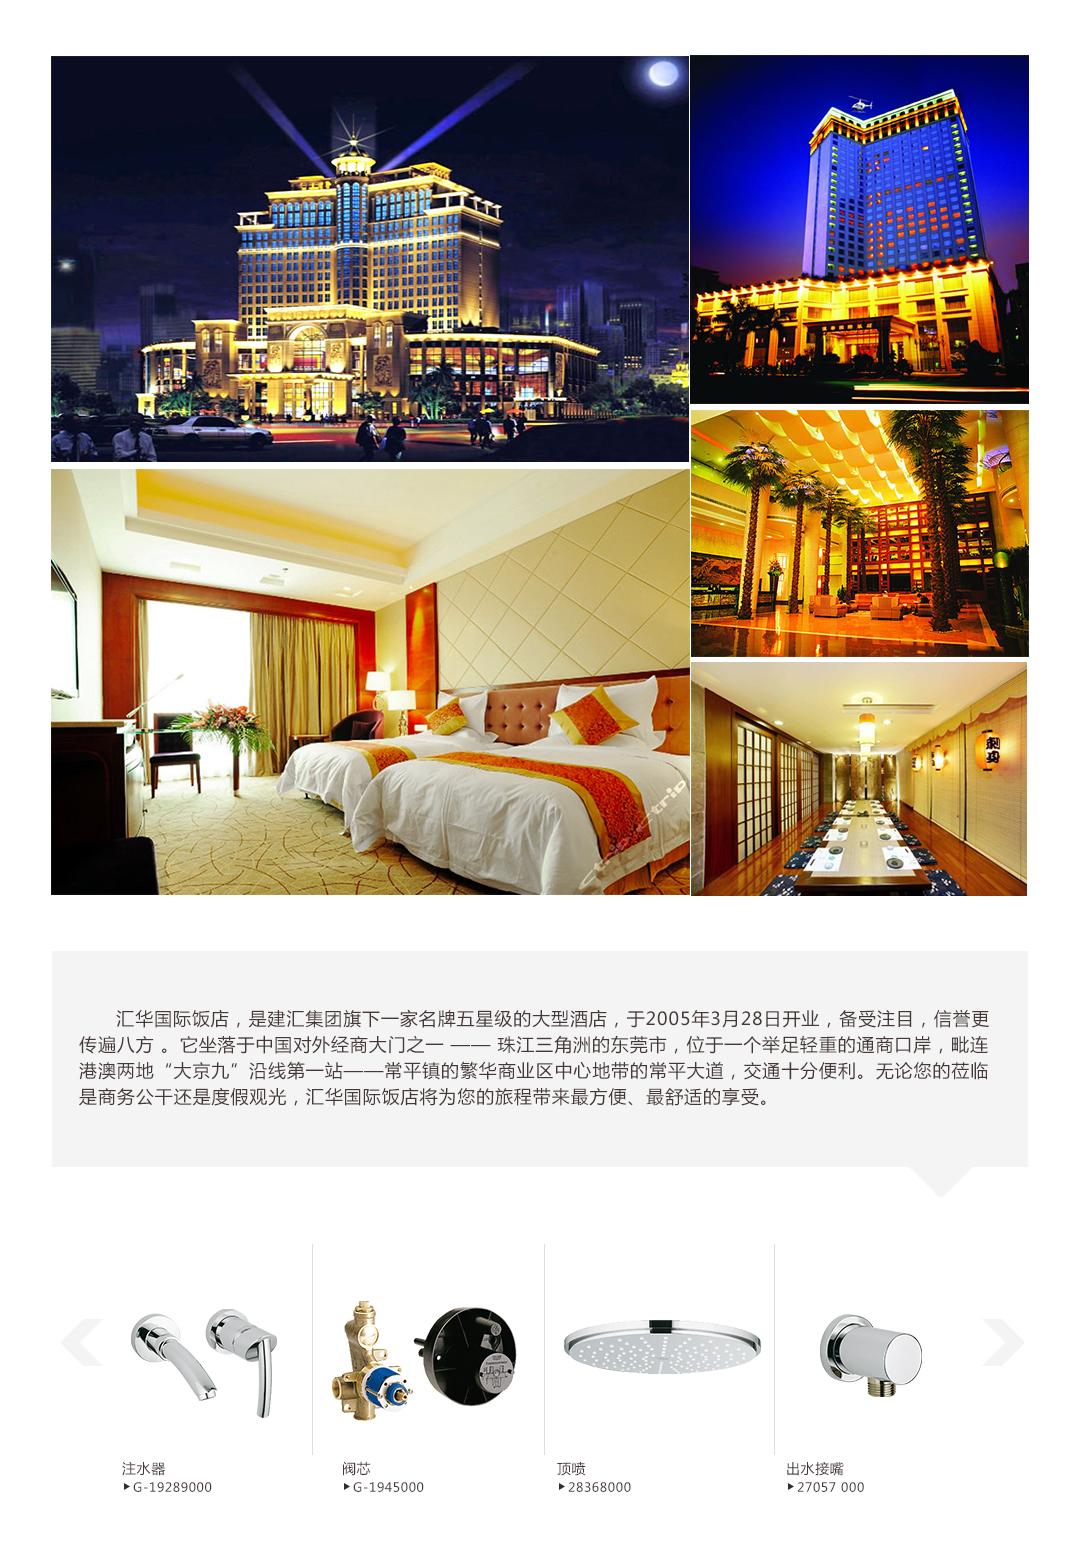 东莞汇华国际饭店